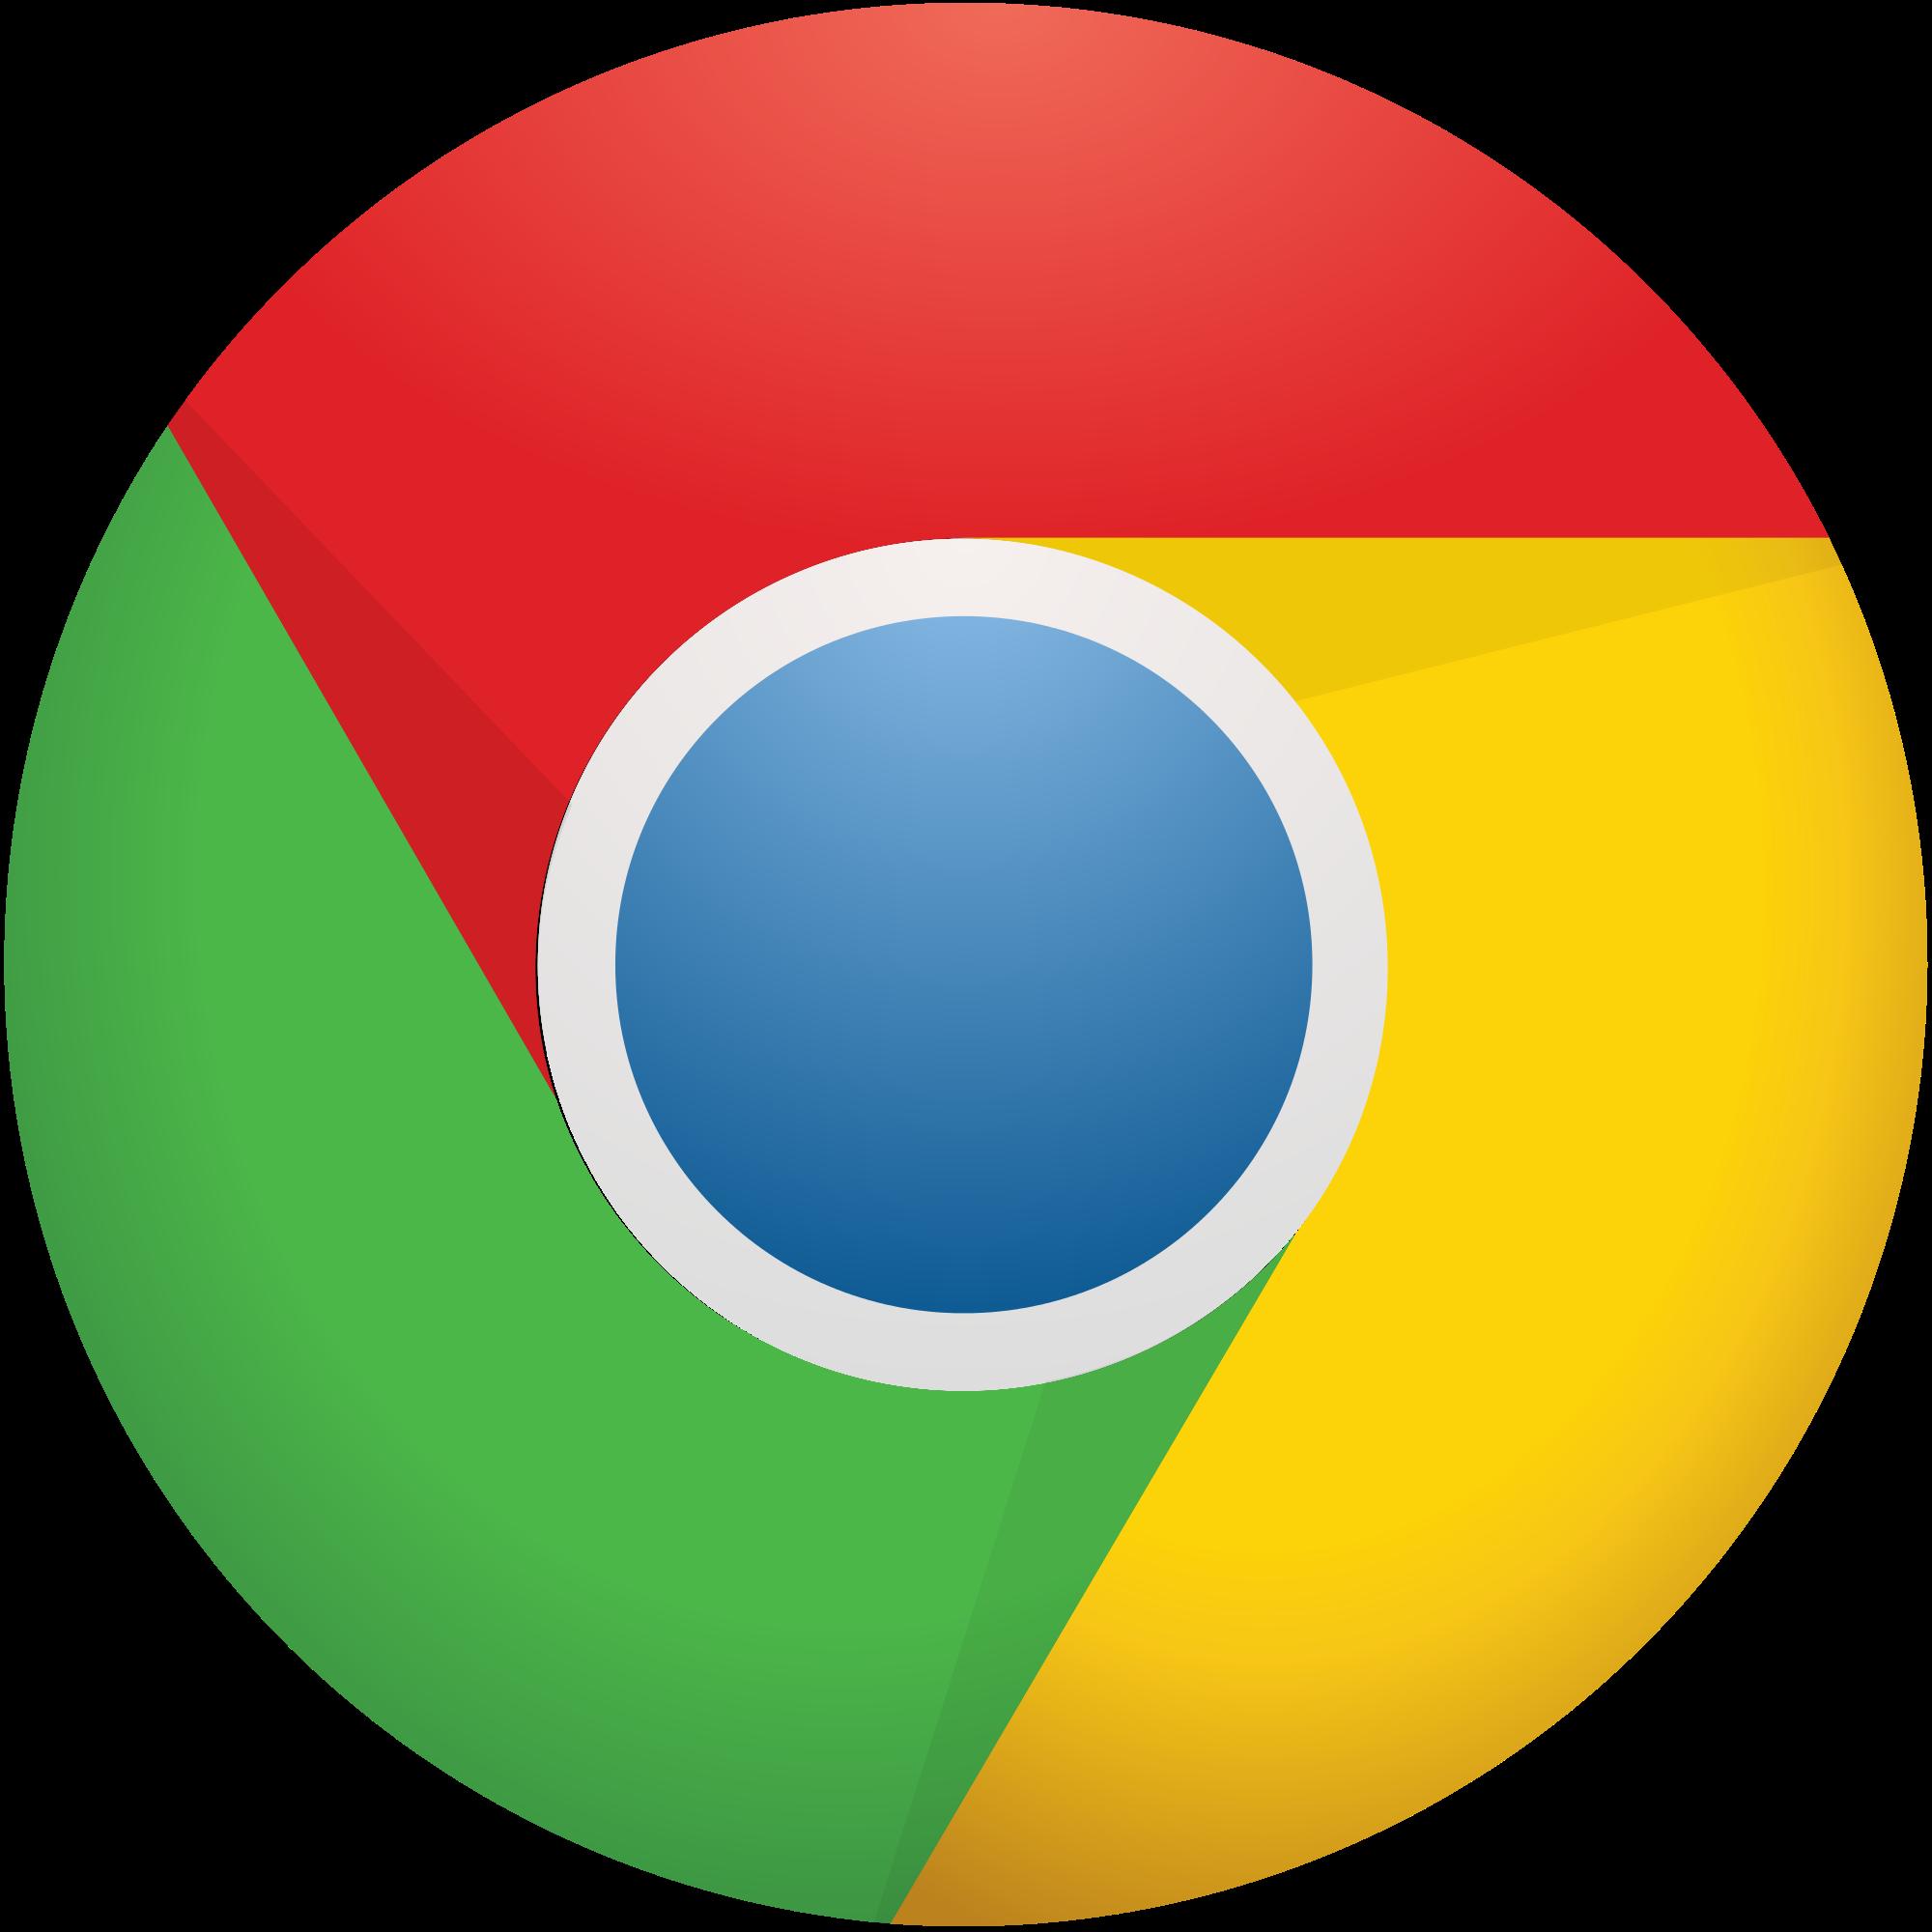 تحميل برنامج جوجل كروم قوقل Google chrome